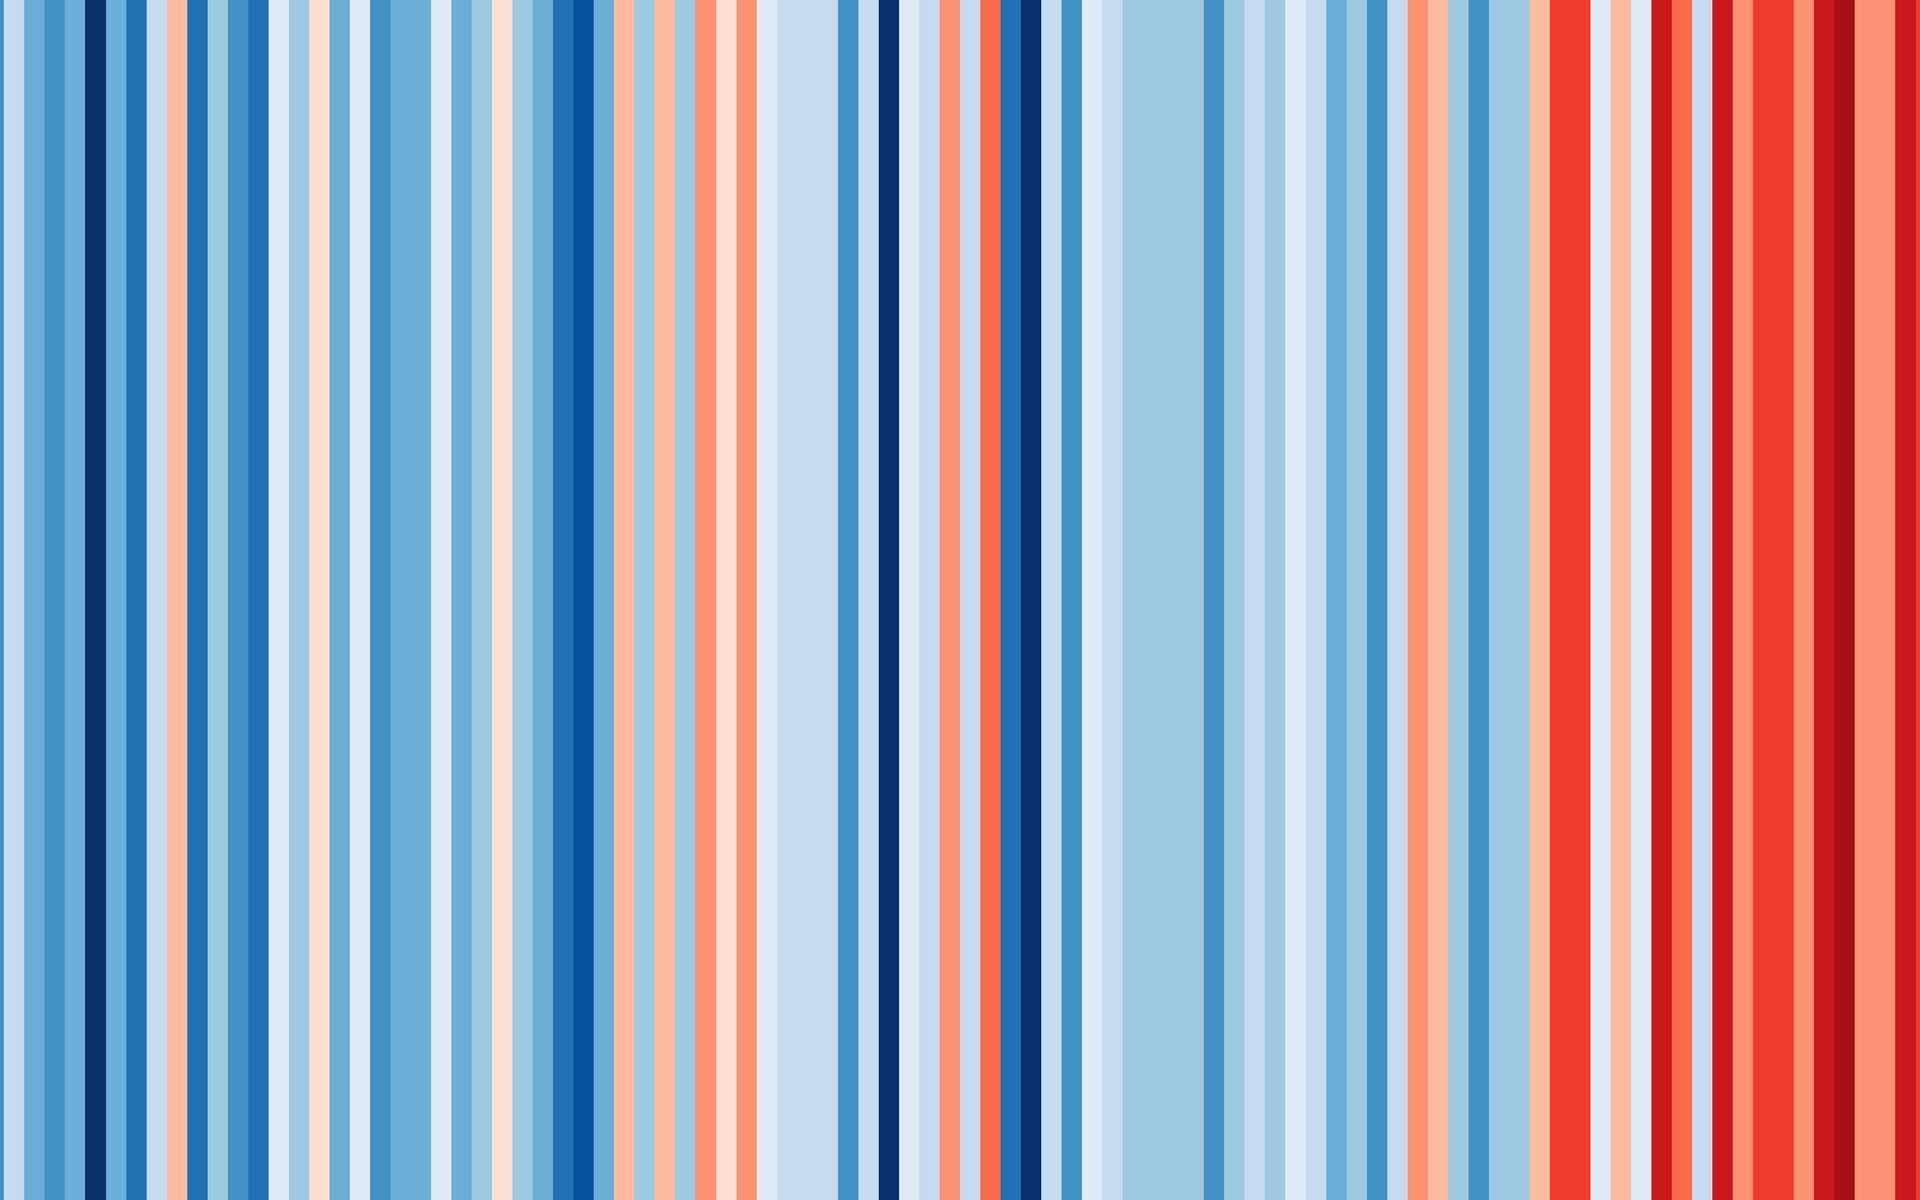 Cette image illustre les anomalies de température en France de 1901 à 2018. © ShowYourStripes